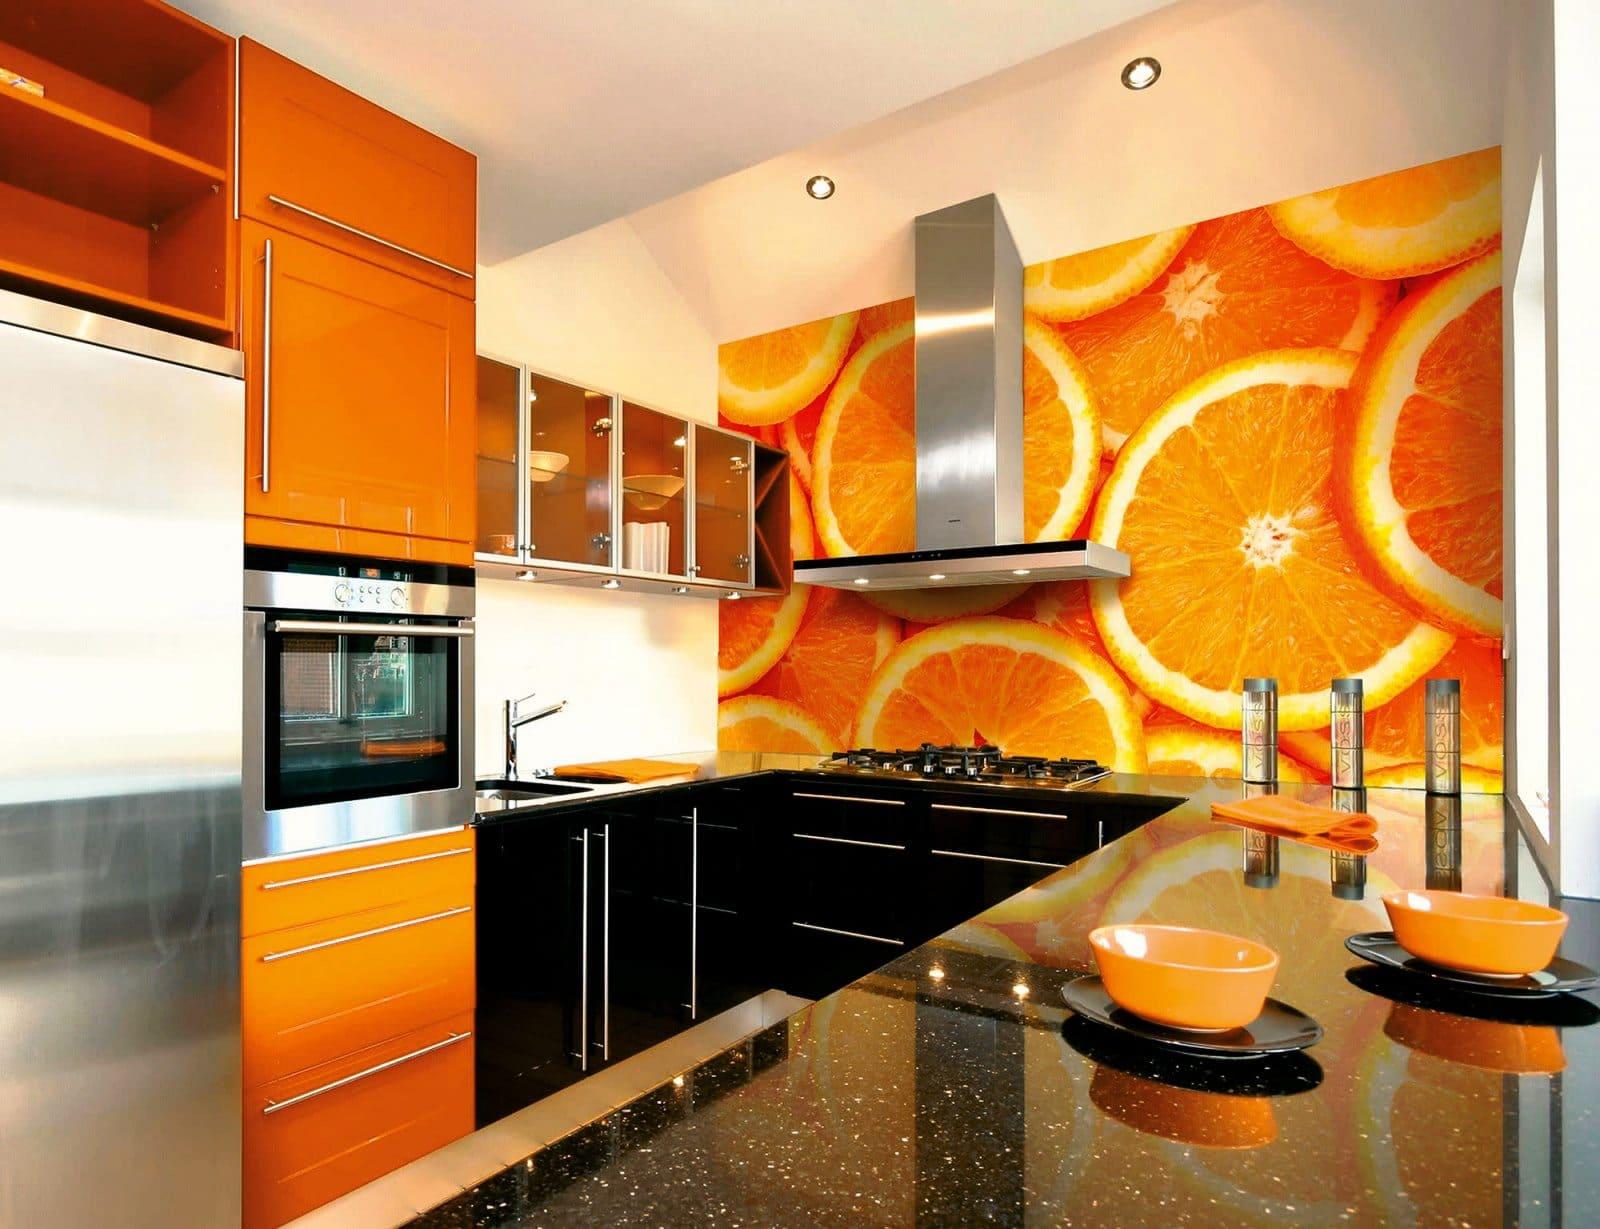 фотообои в интерьере оранжевой кухни